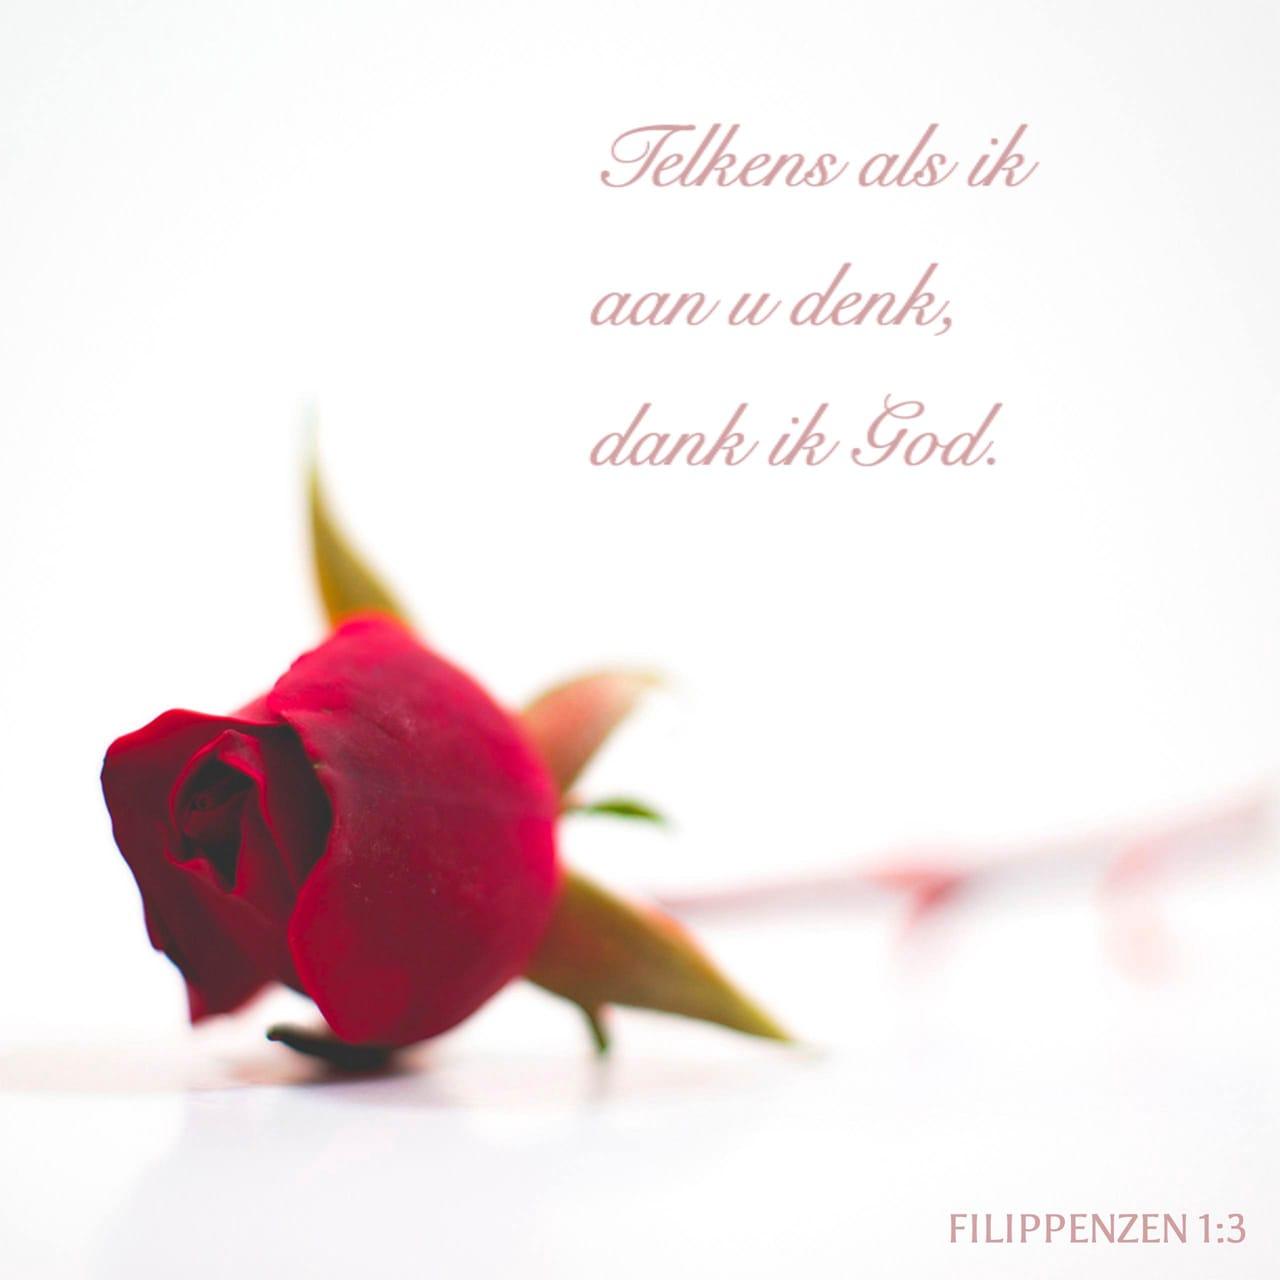 Telkens als ik aan u denk, dank ik God - Filippenzen 1:3 - versafbeelding